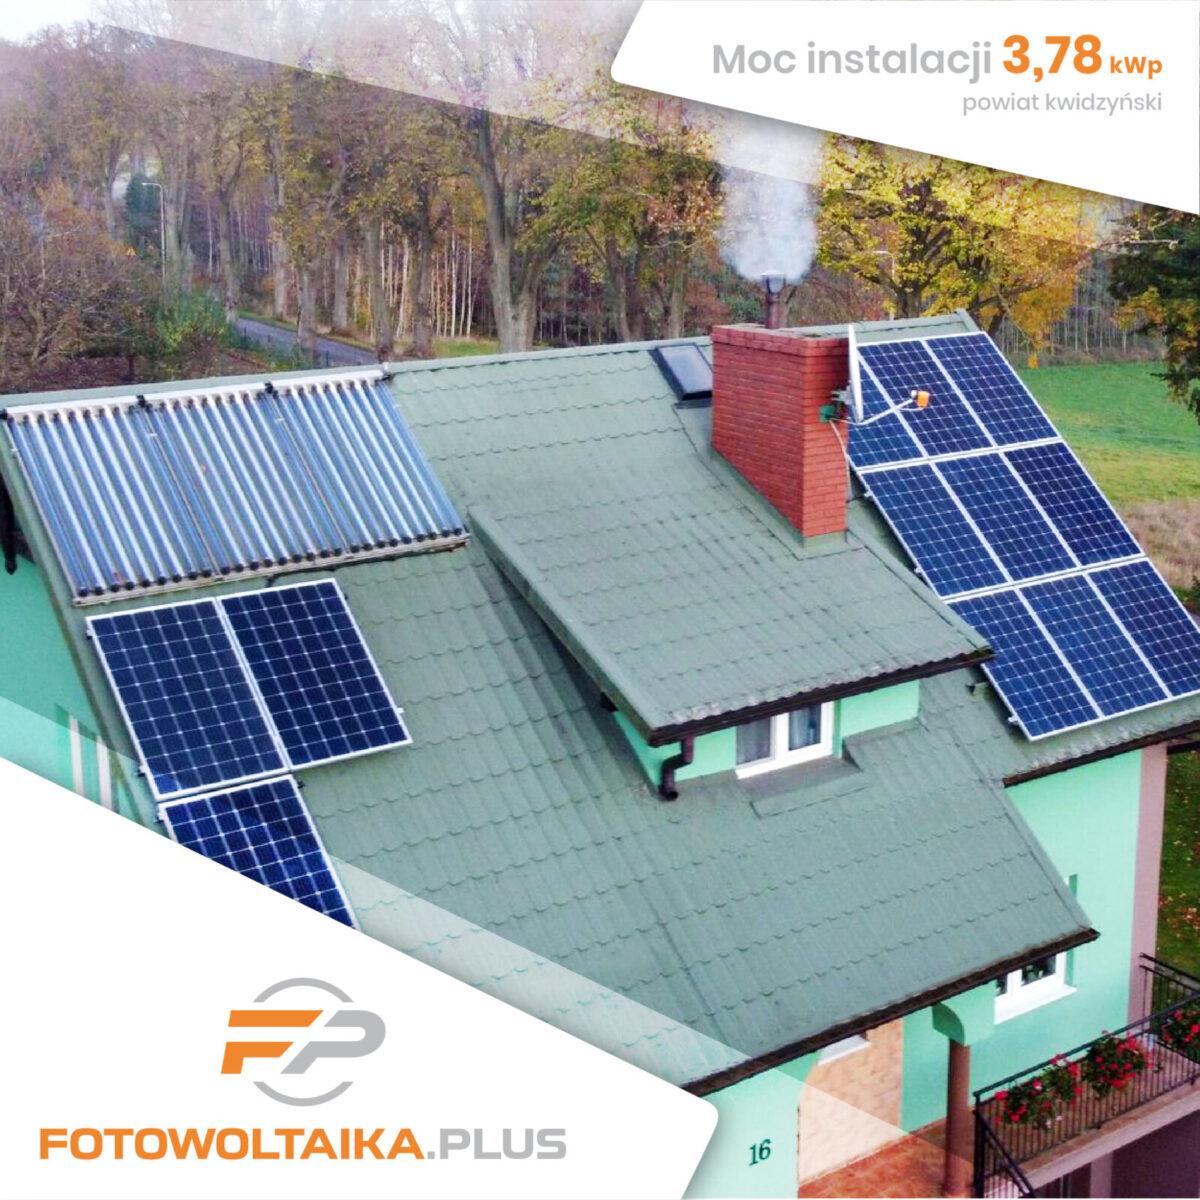 Instalacja fotowoltaiczna zmontażem wKwidzyniu omocy 3,78 kWp